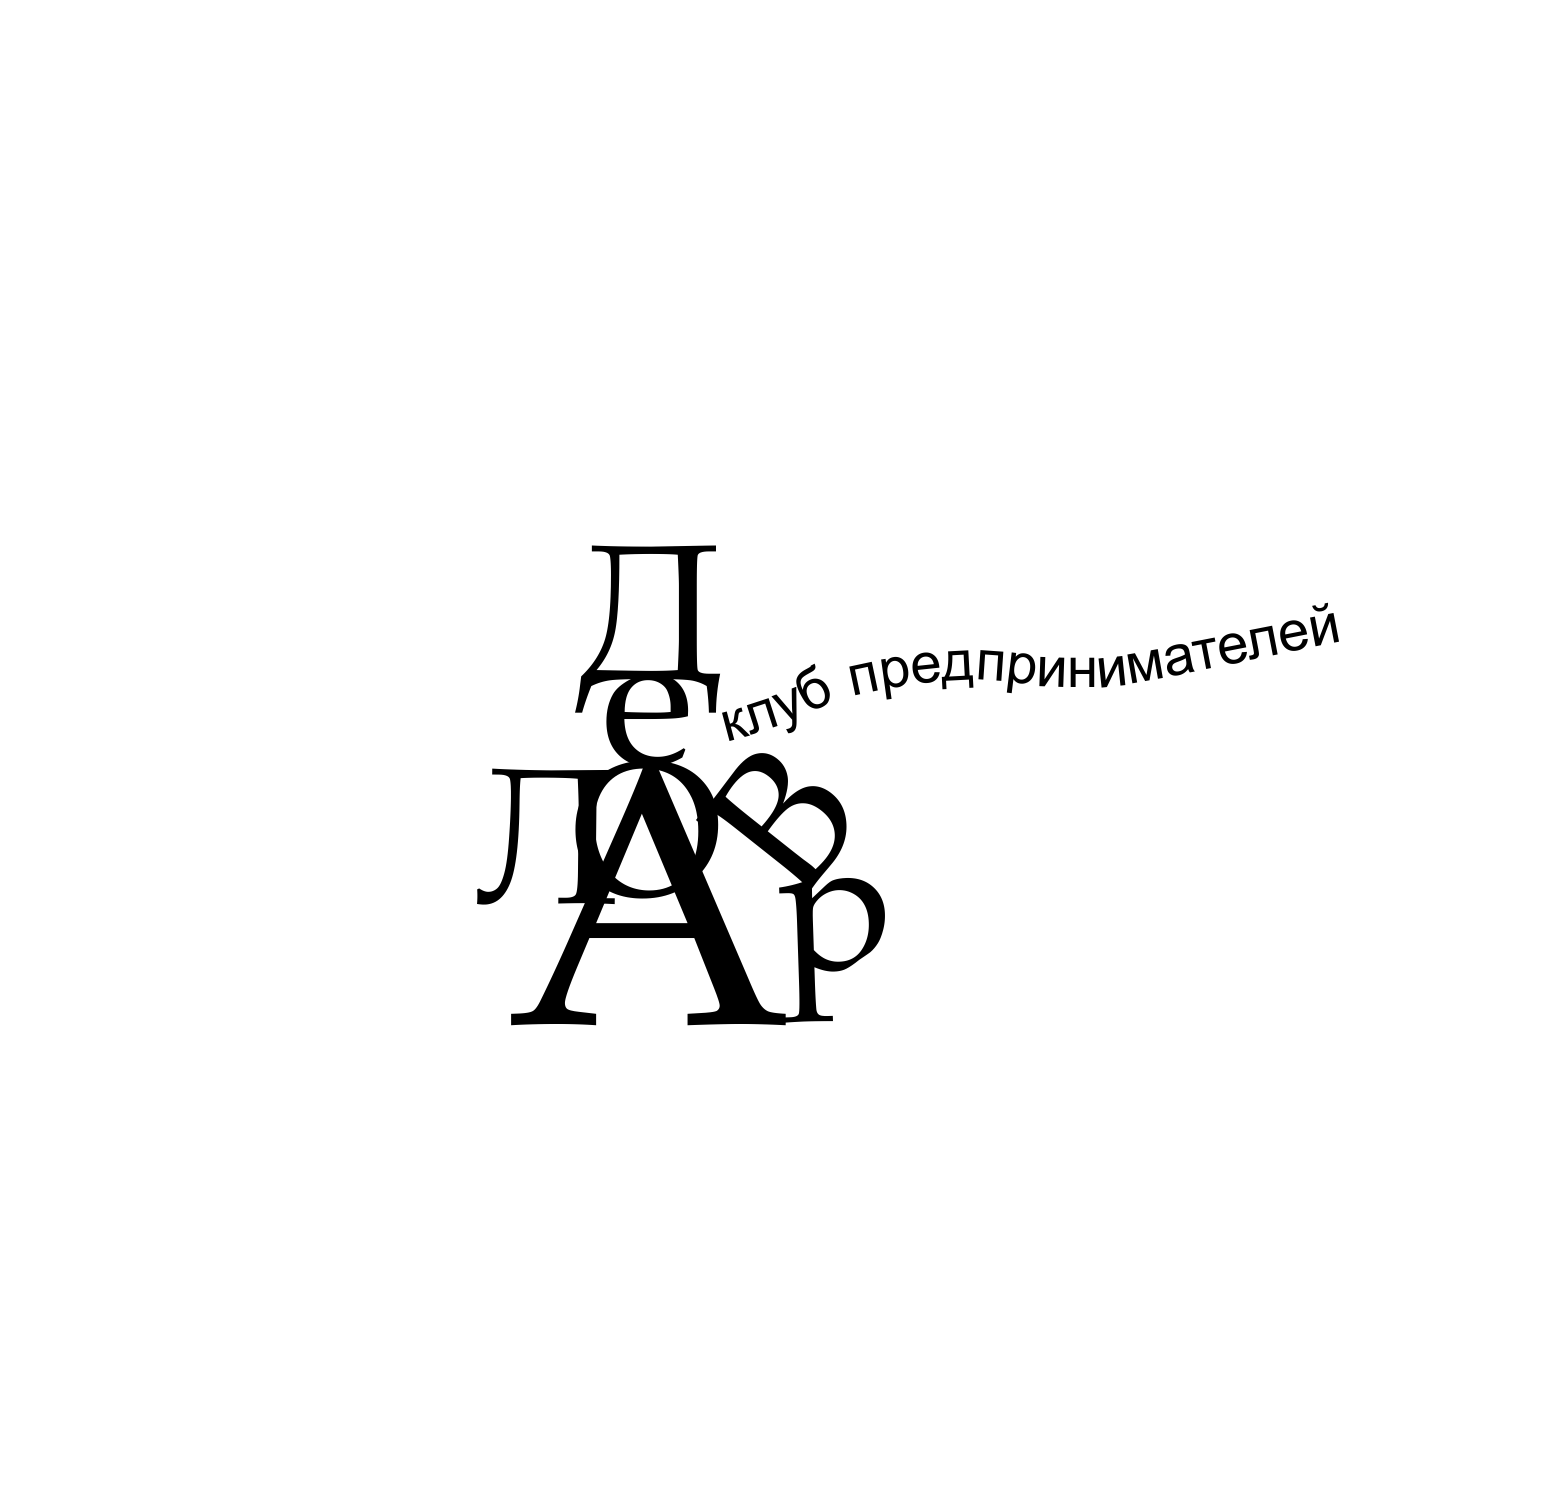 """Логотип и фирм. стиль для Клуба предпринимателей """"Деловар"""" фото f_5046134880e12.png"""